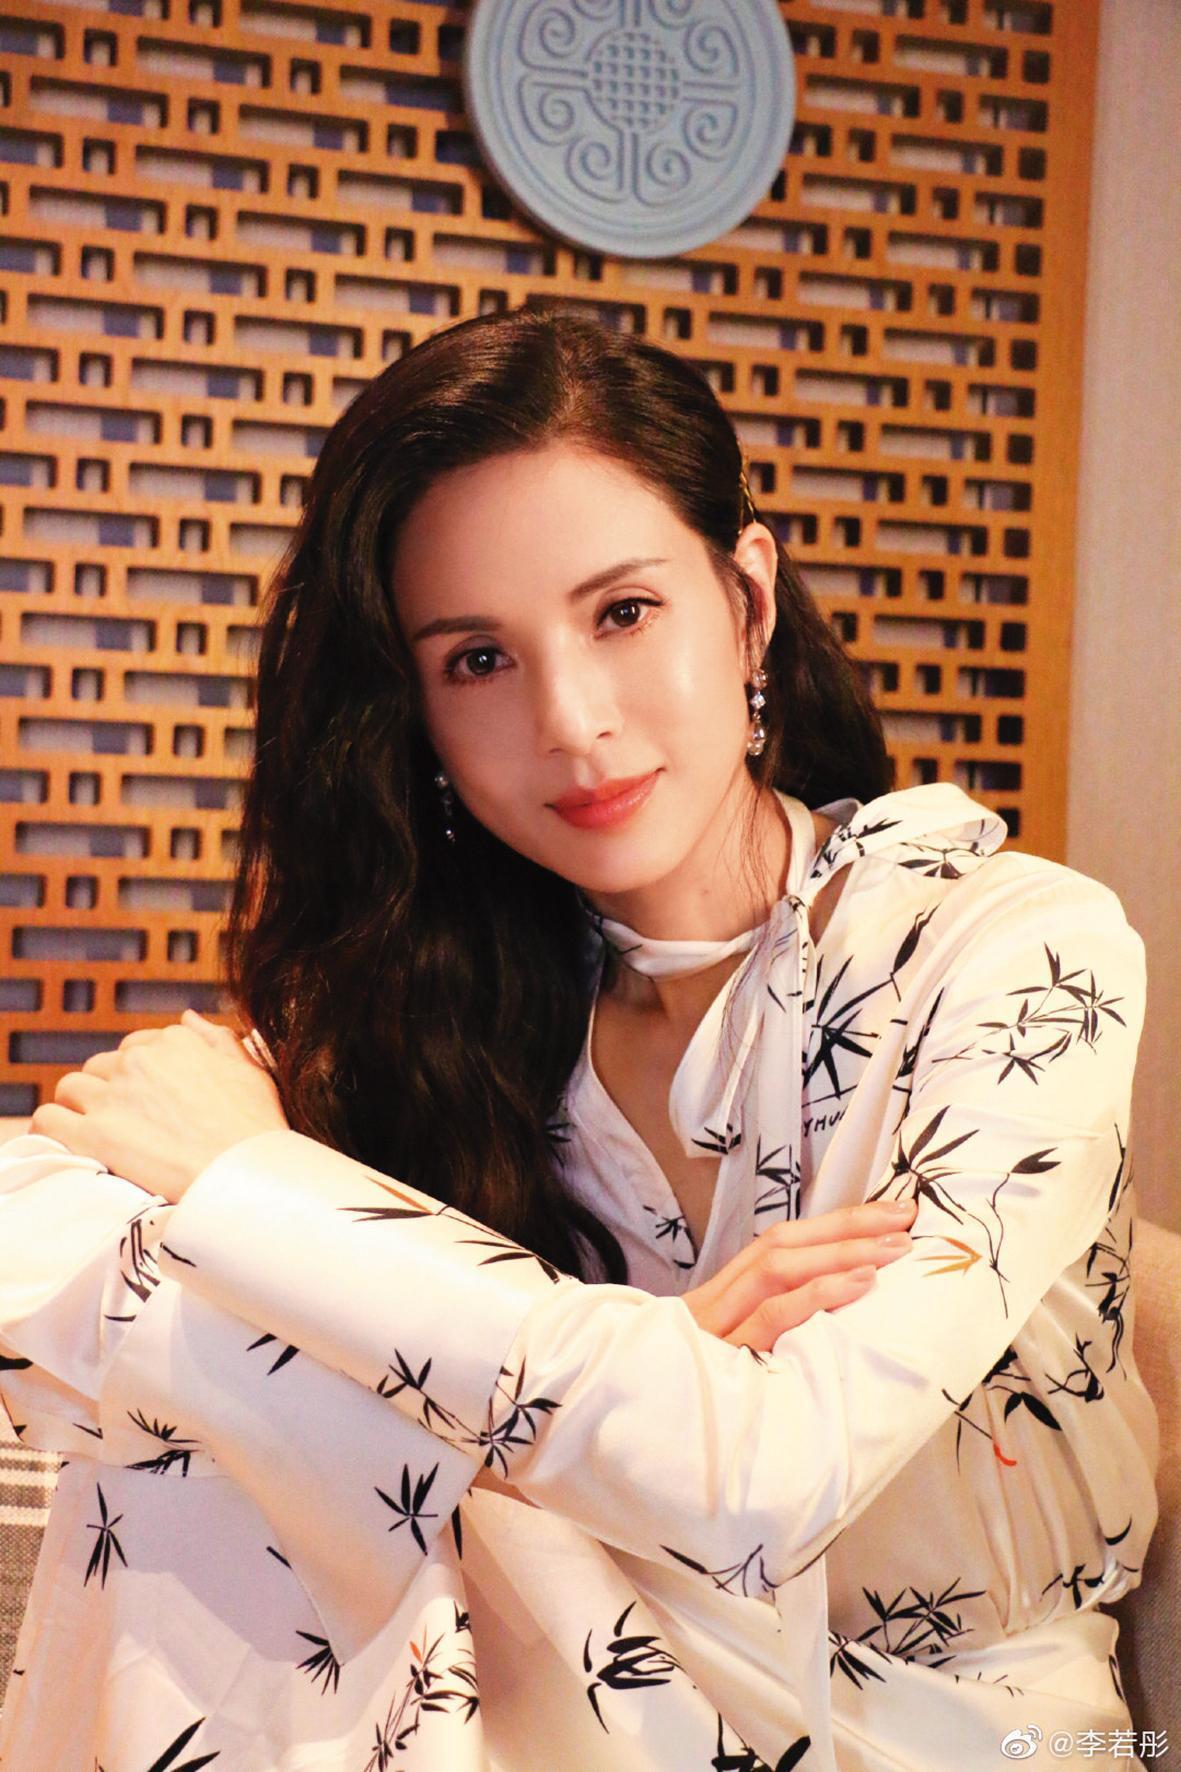 李若彤53歲依然單身,她之前為富商前男友退出藝界,還幫他還債。(翻攝李若彤微博)